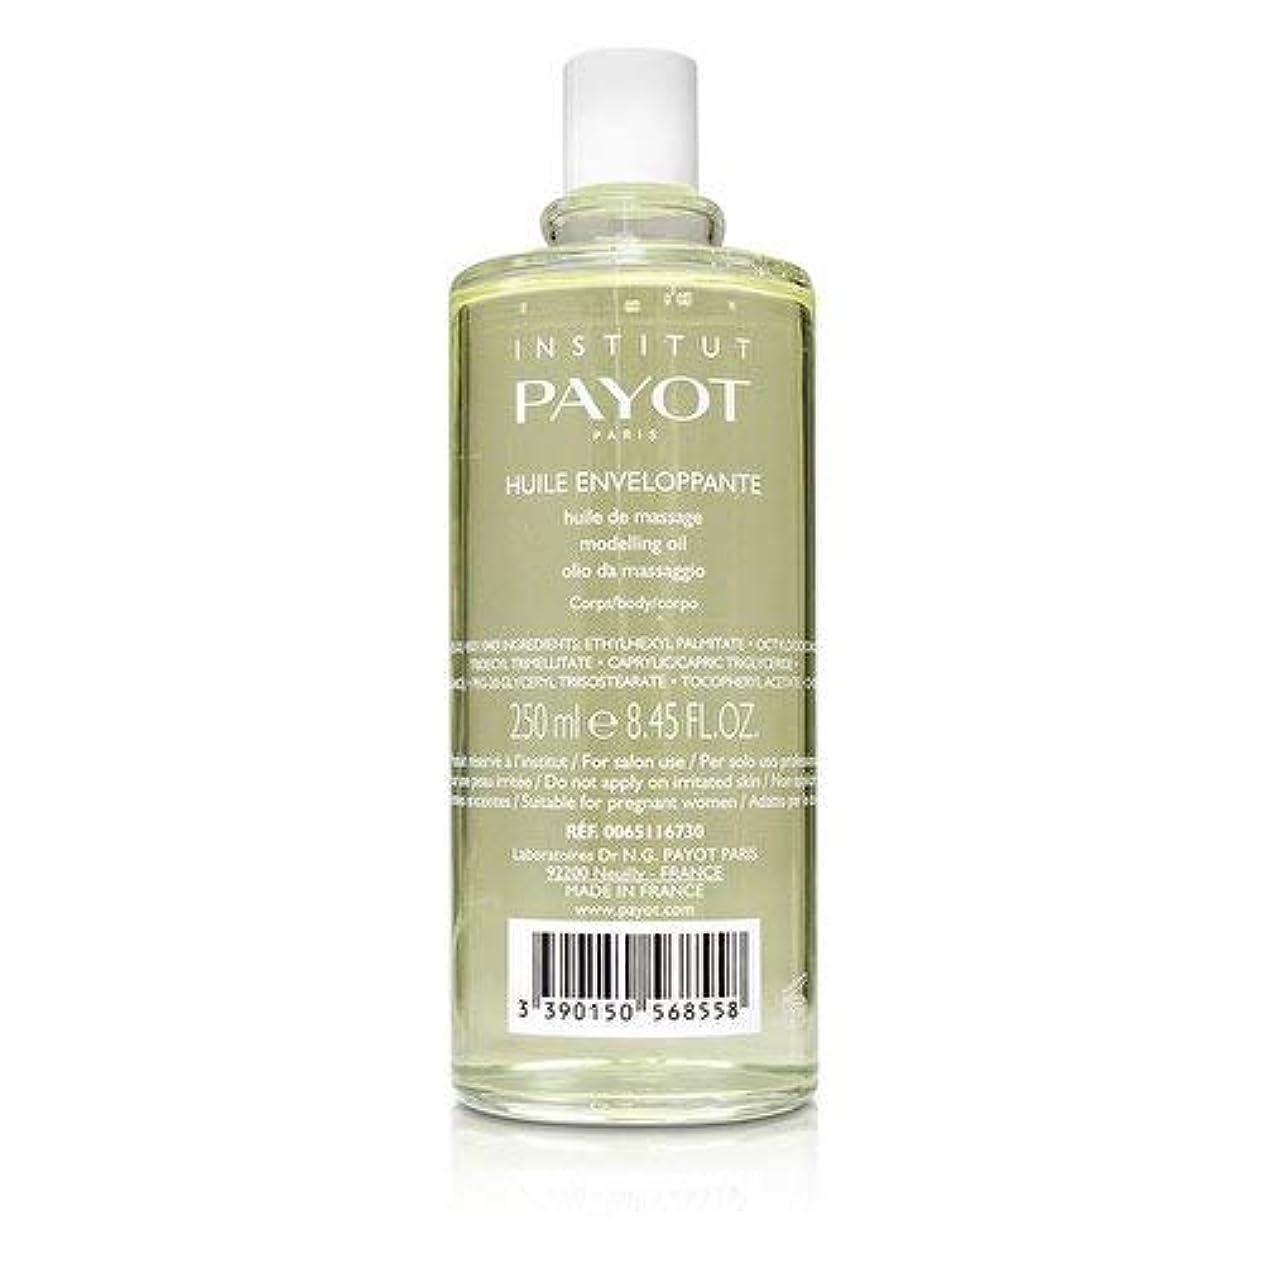 あいにく理論的コンペパイヨ Huile Enveloppante - Body Massage Oil (Orange Blossom & Rose) (Salon Product) 250ml/8.4oz並行輸入品